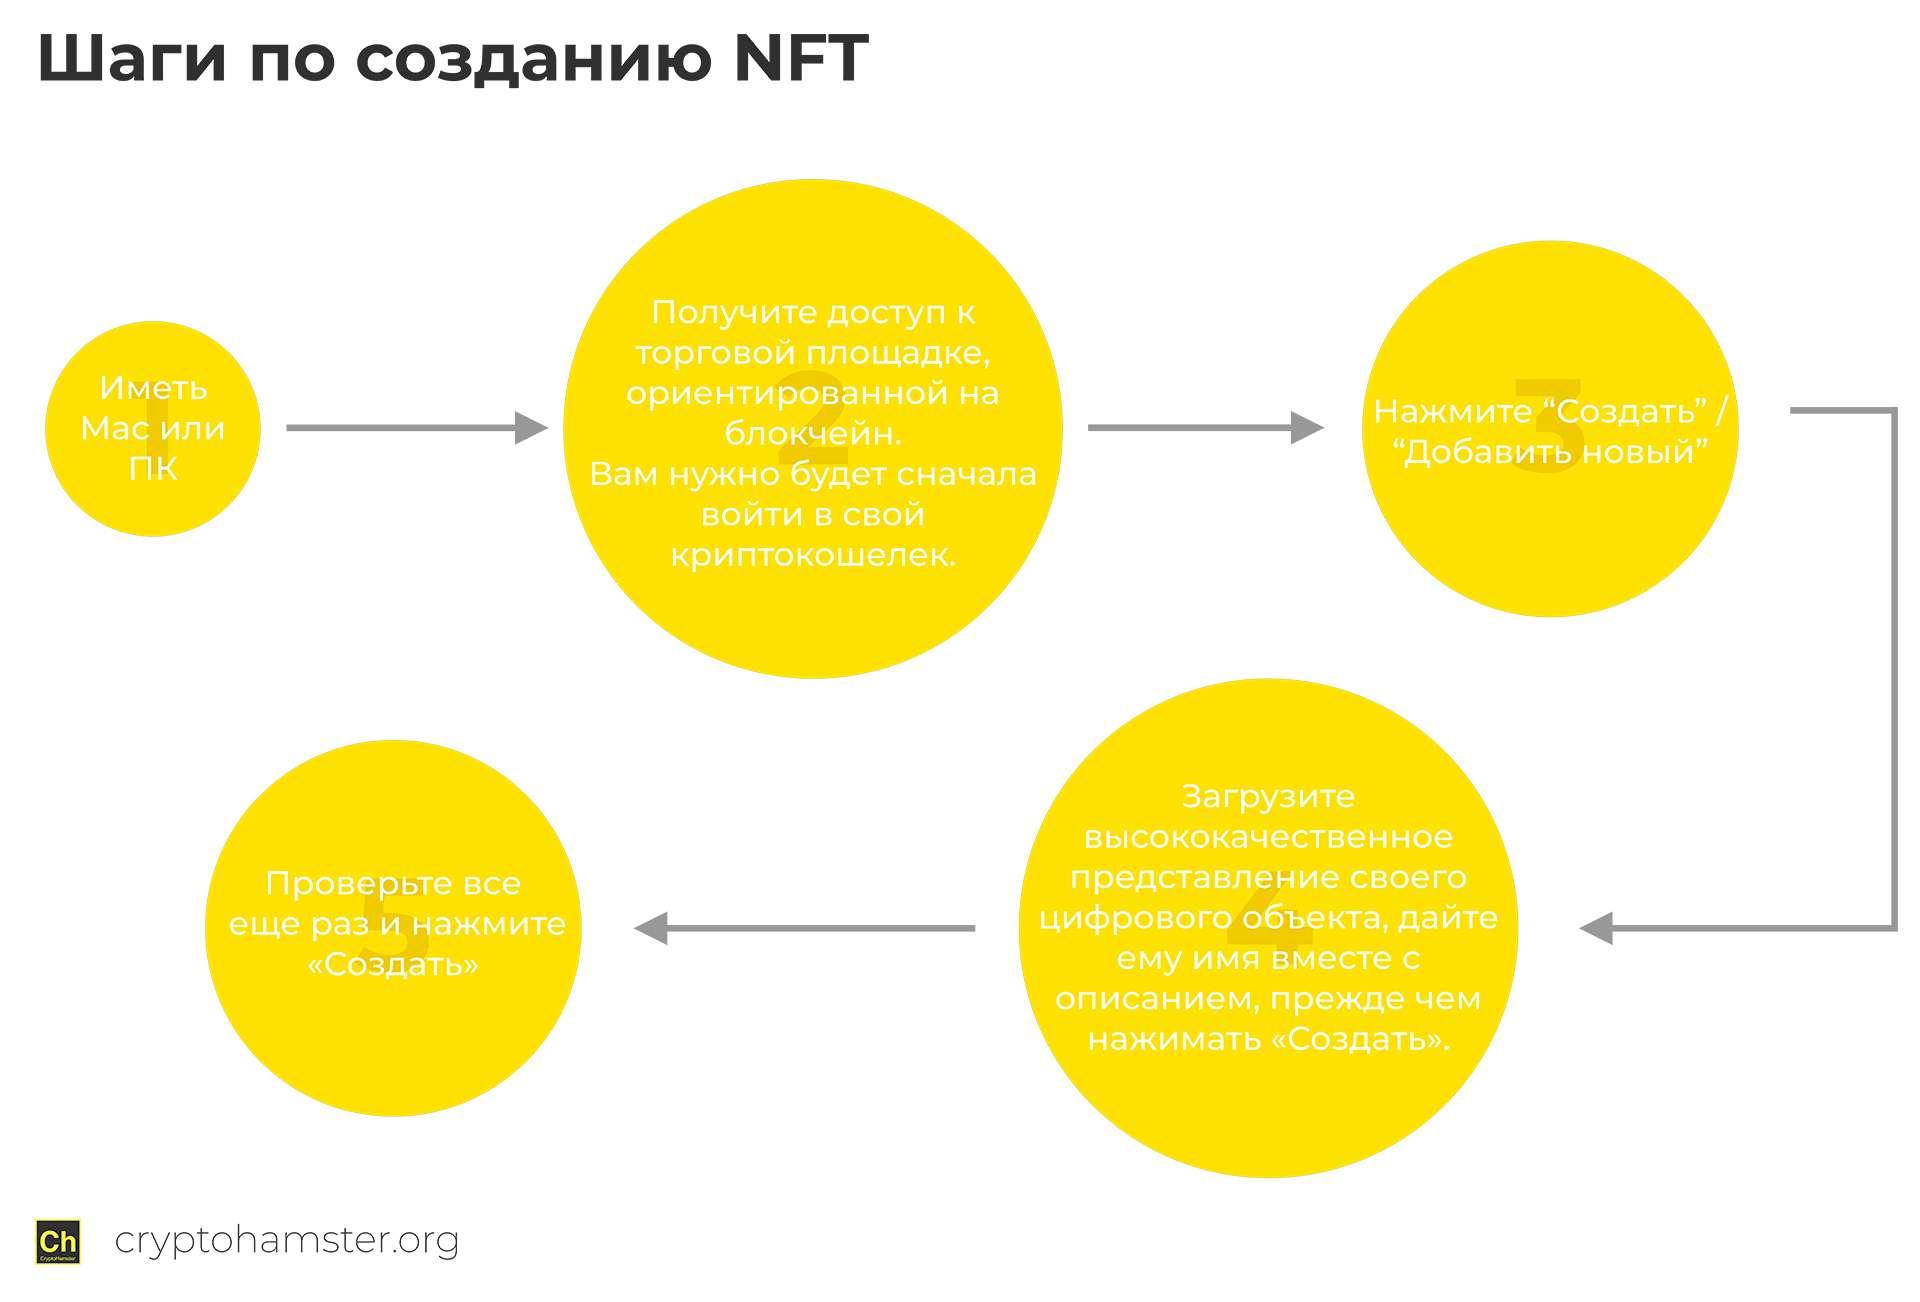 Шаги по созданию NFT